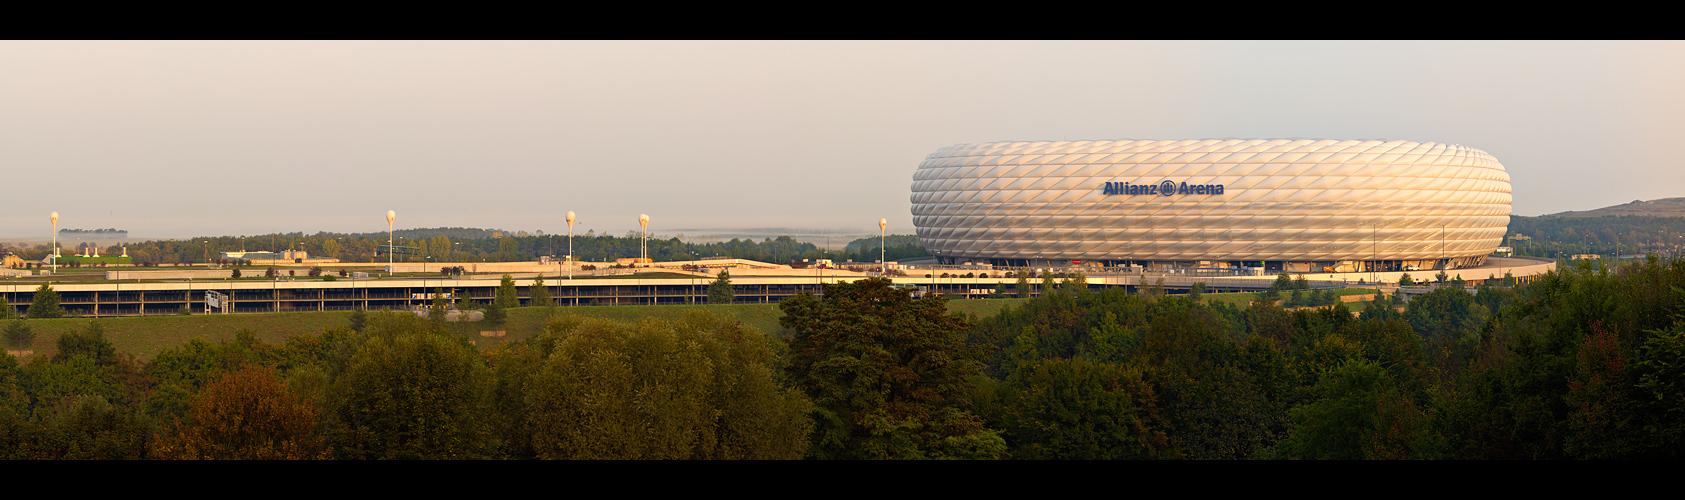 Stadion des Champions League Finale 2012